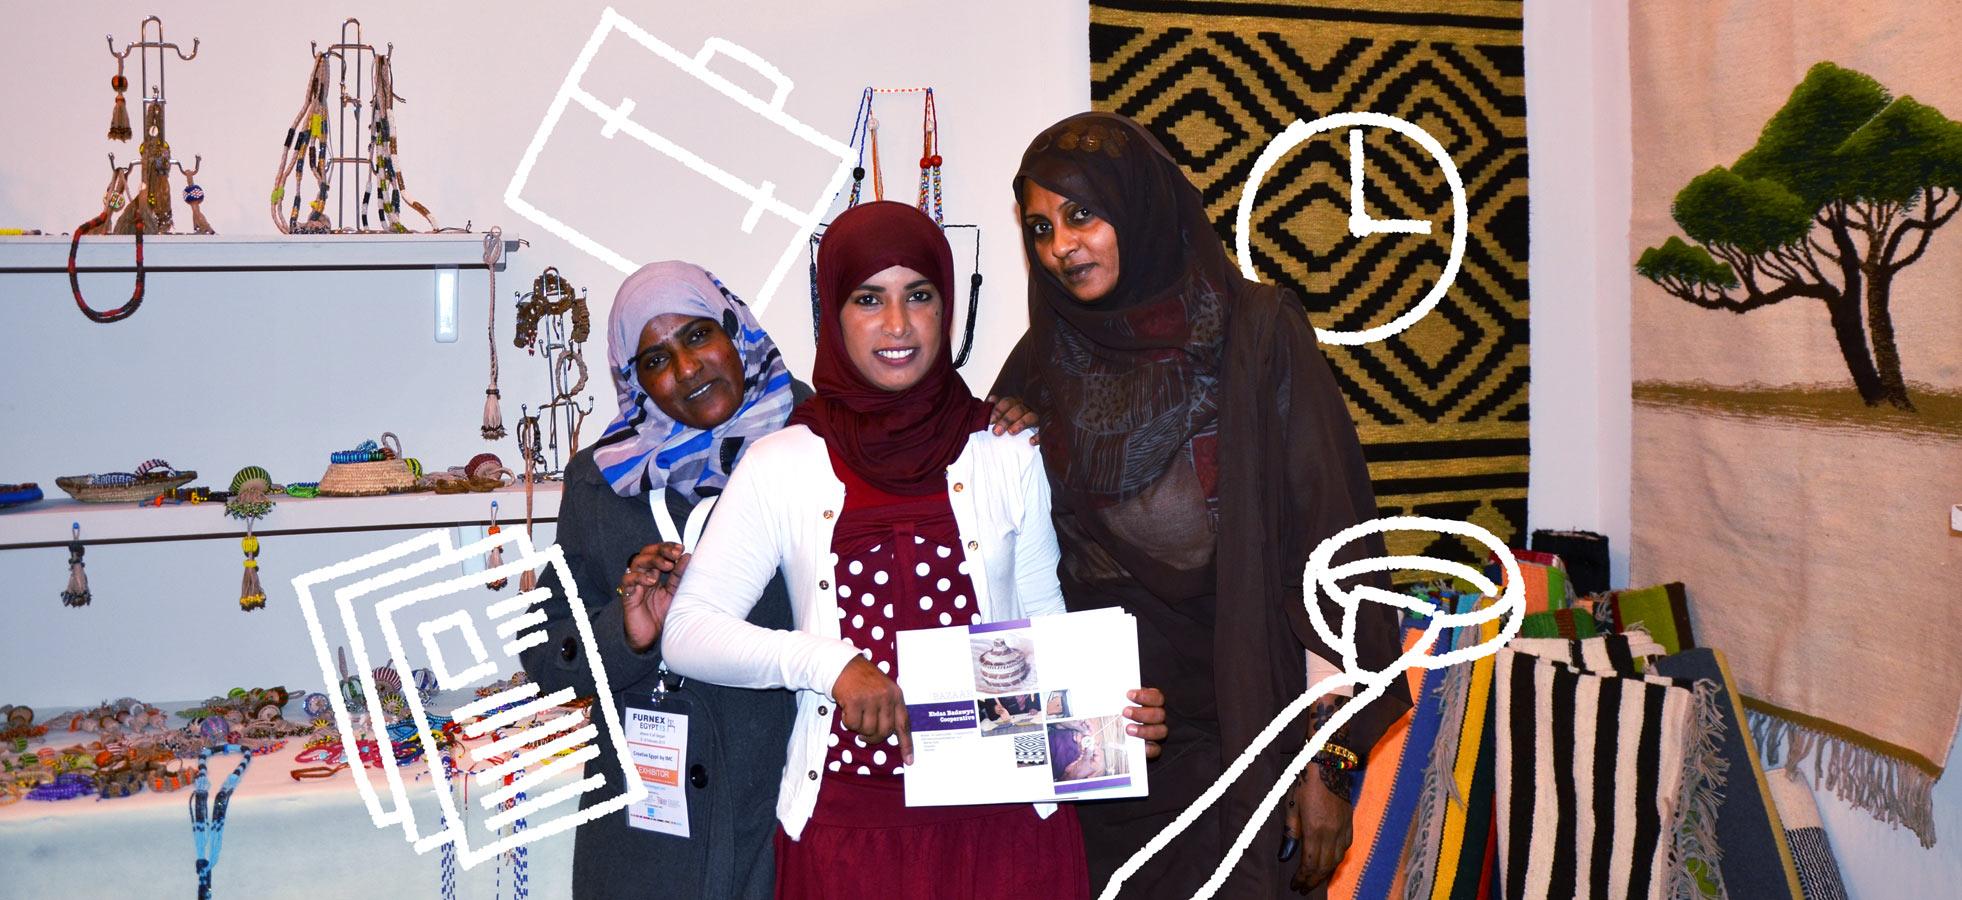 """""""Nyt tiedämme tuotteidemme hinnan ja tunnemme markkinat. Välittäjät eivät pysty enää huijaamaan meitä"""", egyptiläinen Afed Gad Hassan kuvaa naisten yrittäjyyskoulutuksen antia. Suomi on tukenut naisten pääsyä työmarkkinoille yhdessä Kansainvälisen työjärjestön ILO:n kanssa vuodesta 2012 lähtien. Kuva: Badra Alawa/ILO, grafiikka: Juho Hiilivirta"""